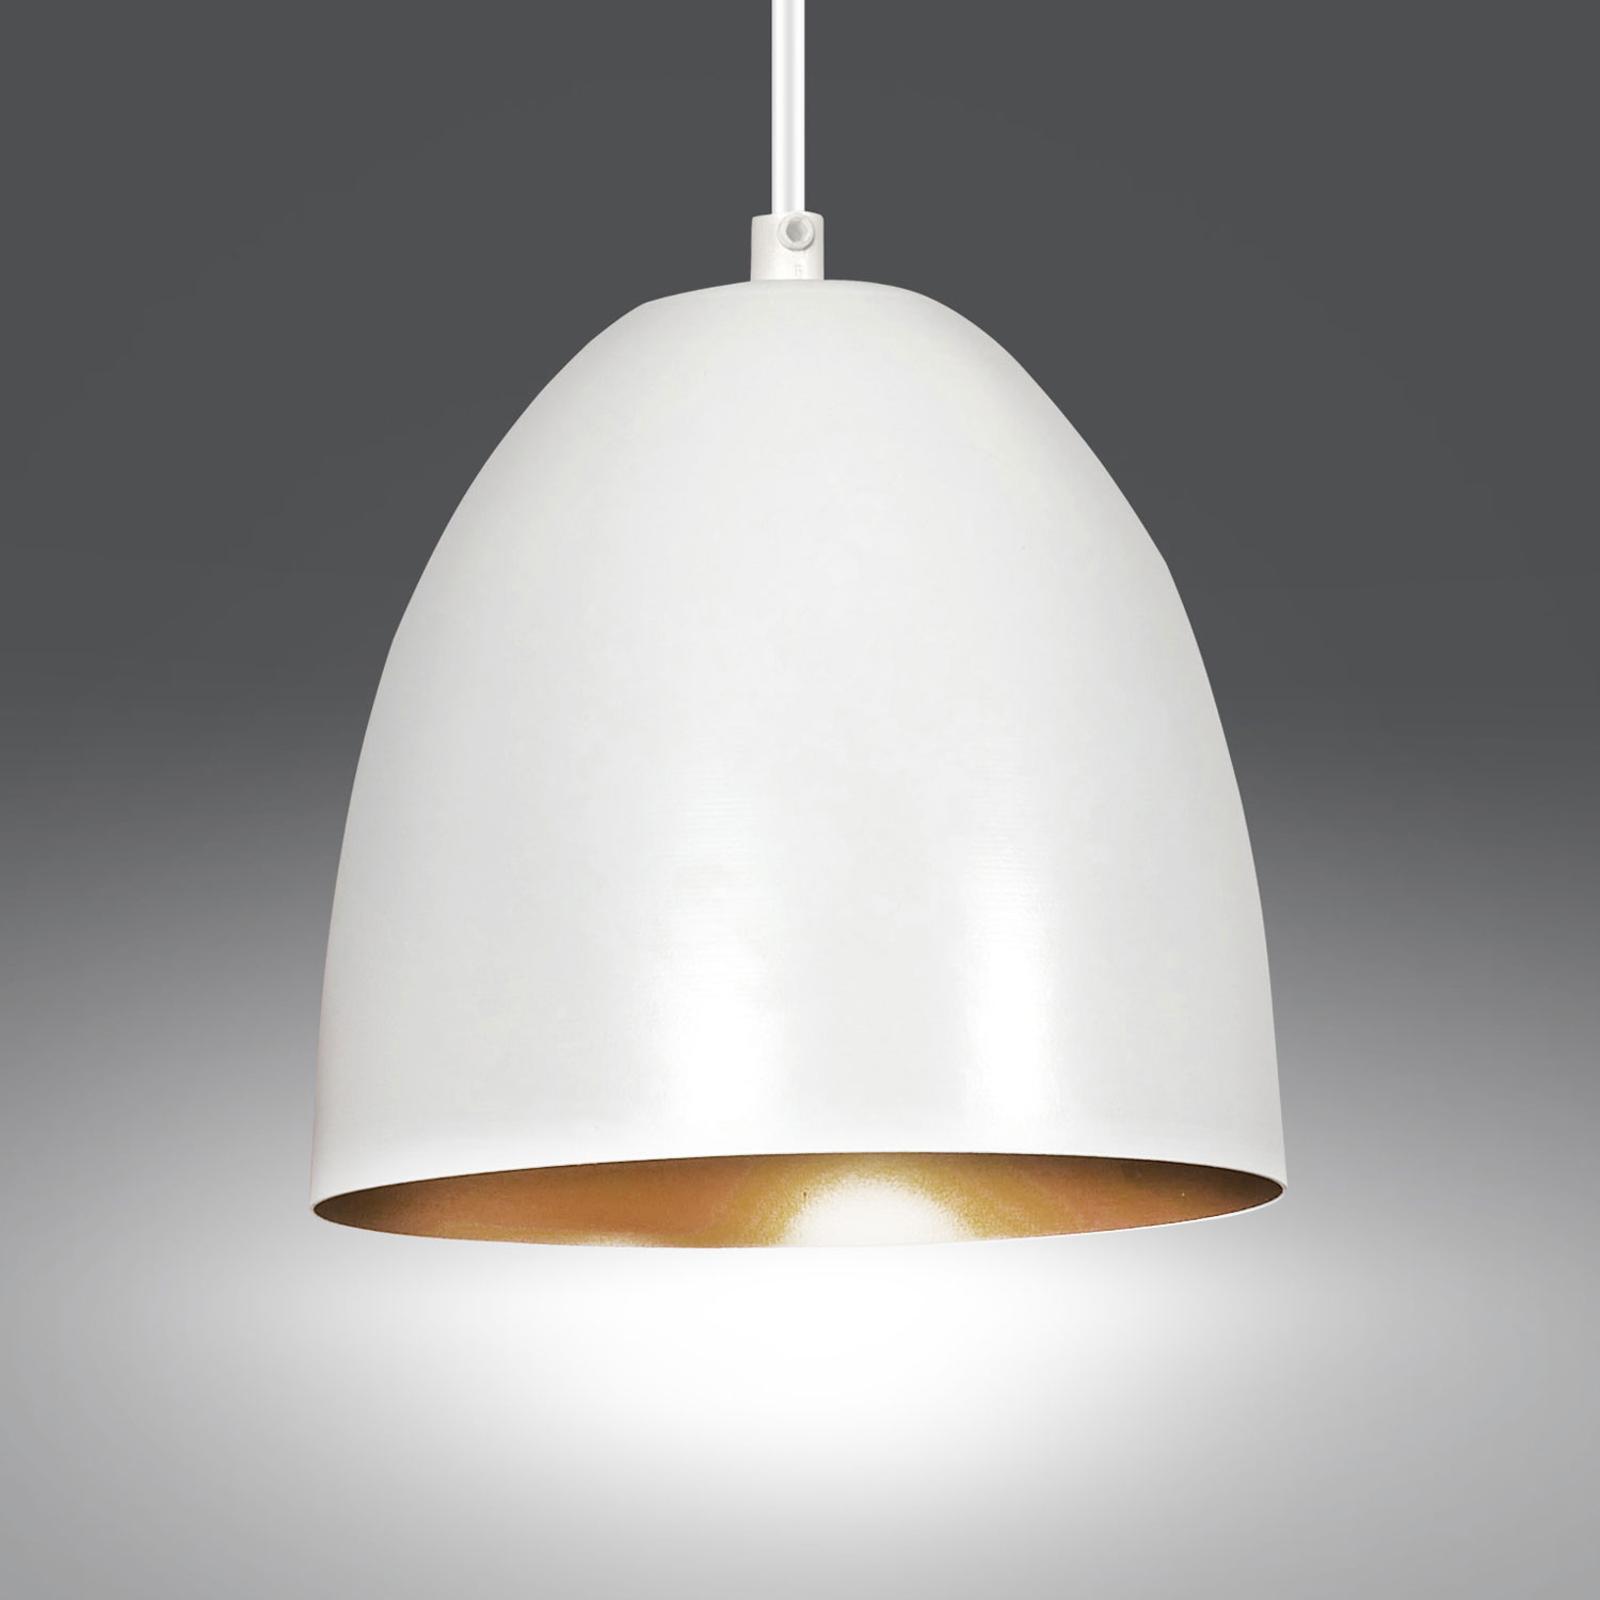 Lampa wisząca Lenox ze stali, 1-pkt., biała/złota